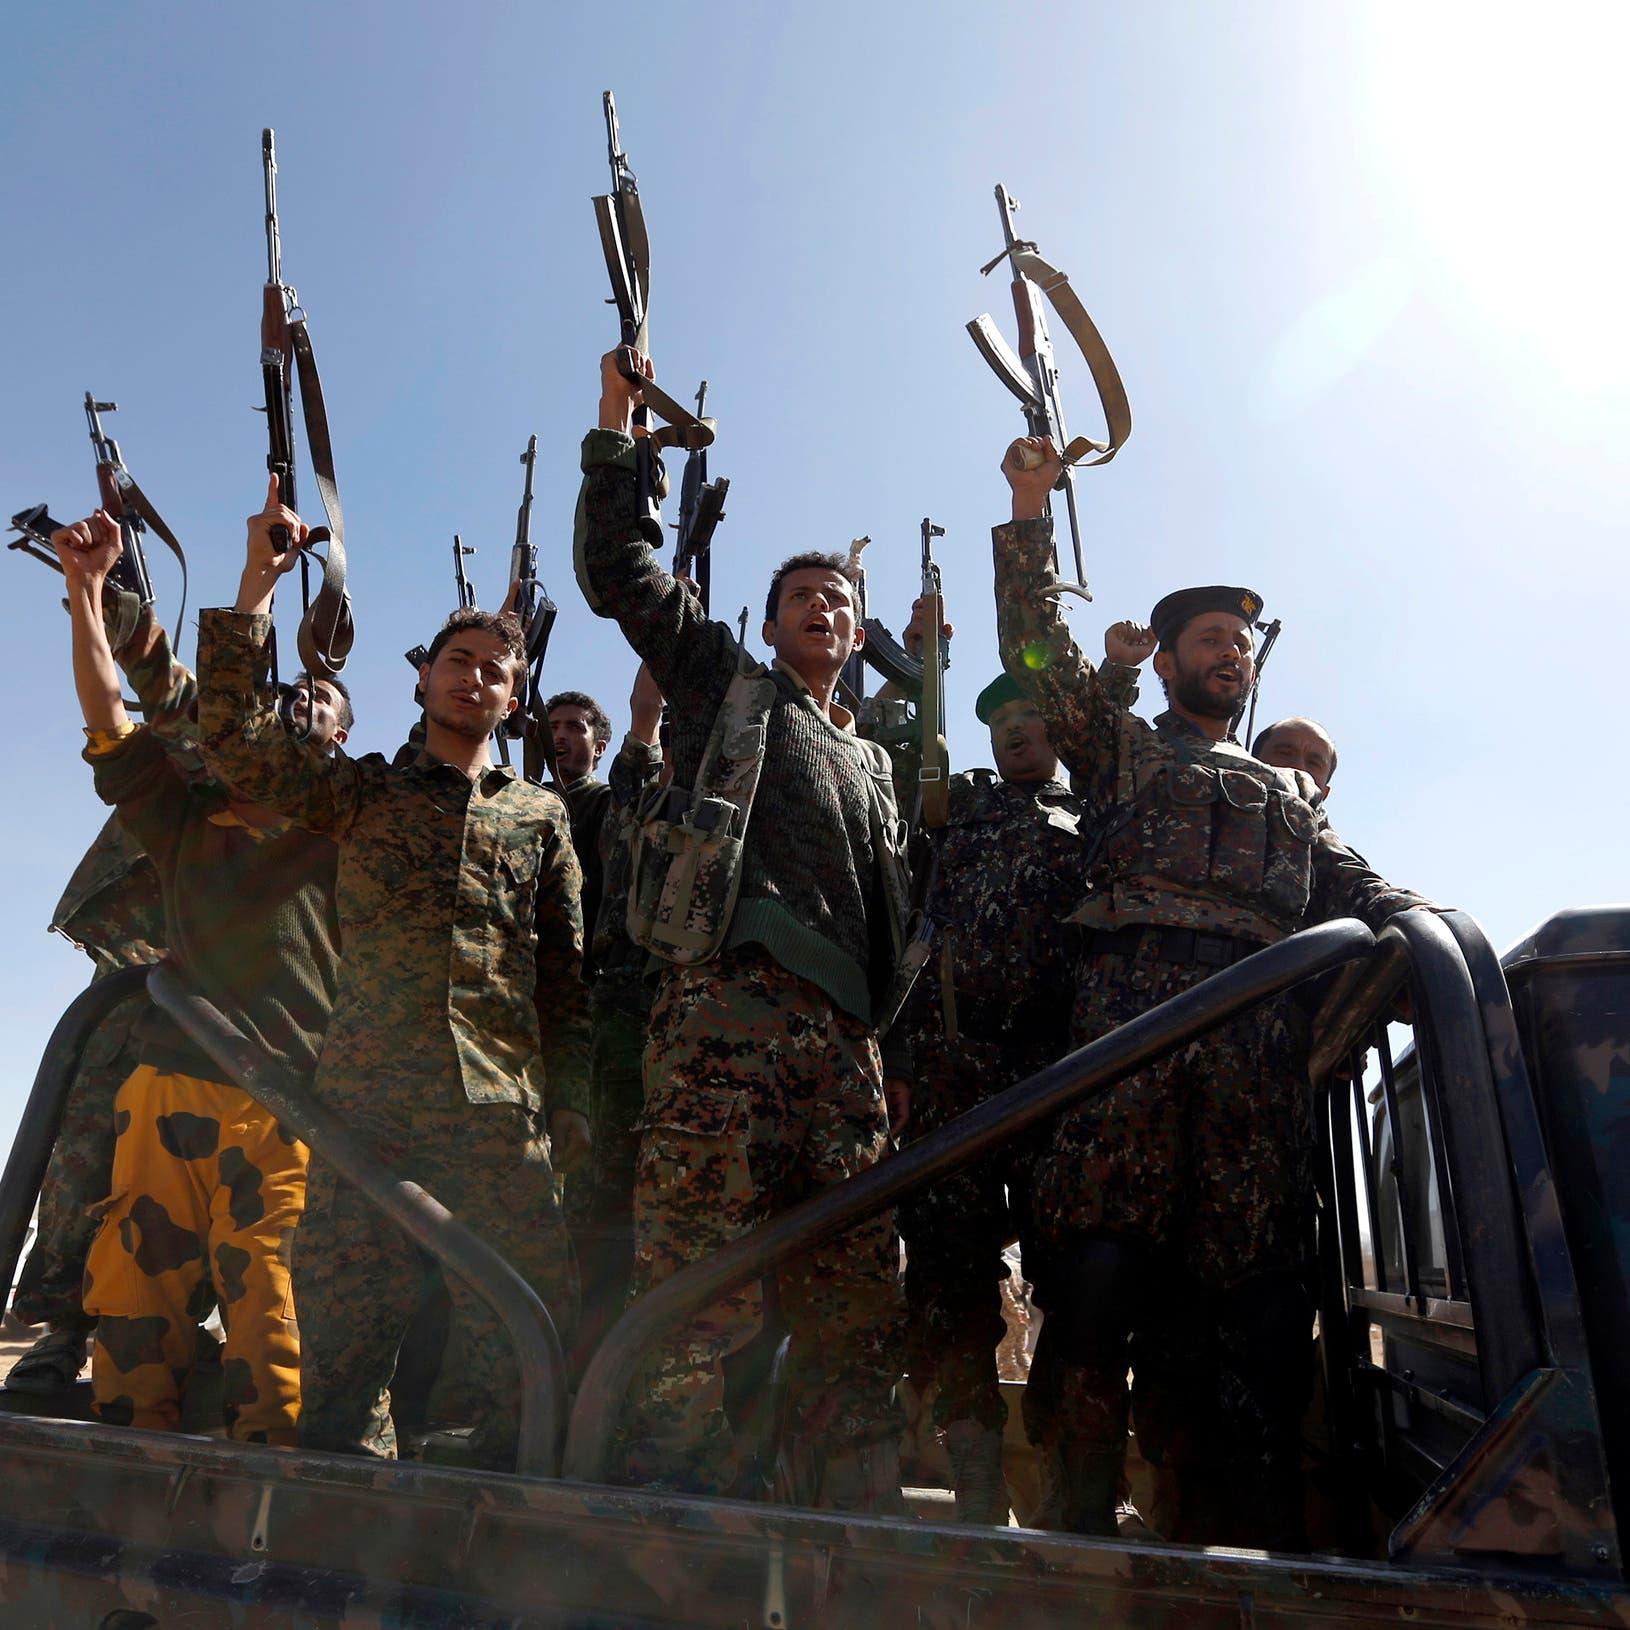 ارتفاع الجريمة وتدهور الاقتصاد.. حصاد 5 سنوات من انقلاب الحوثي بصنعاء